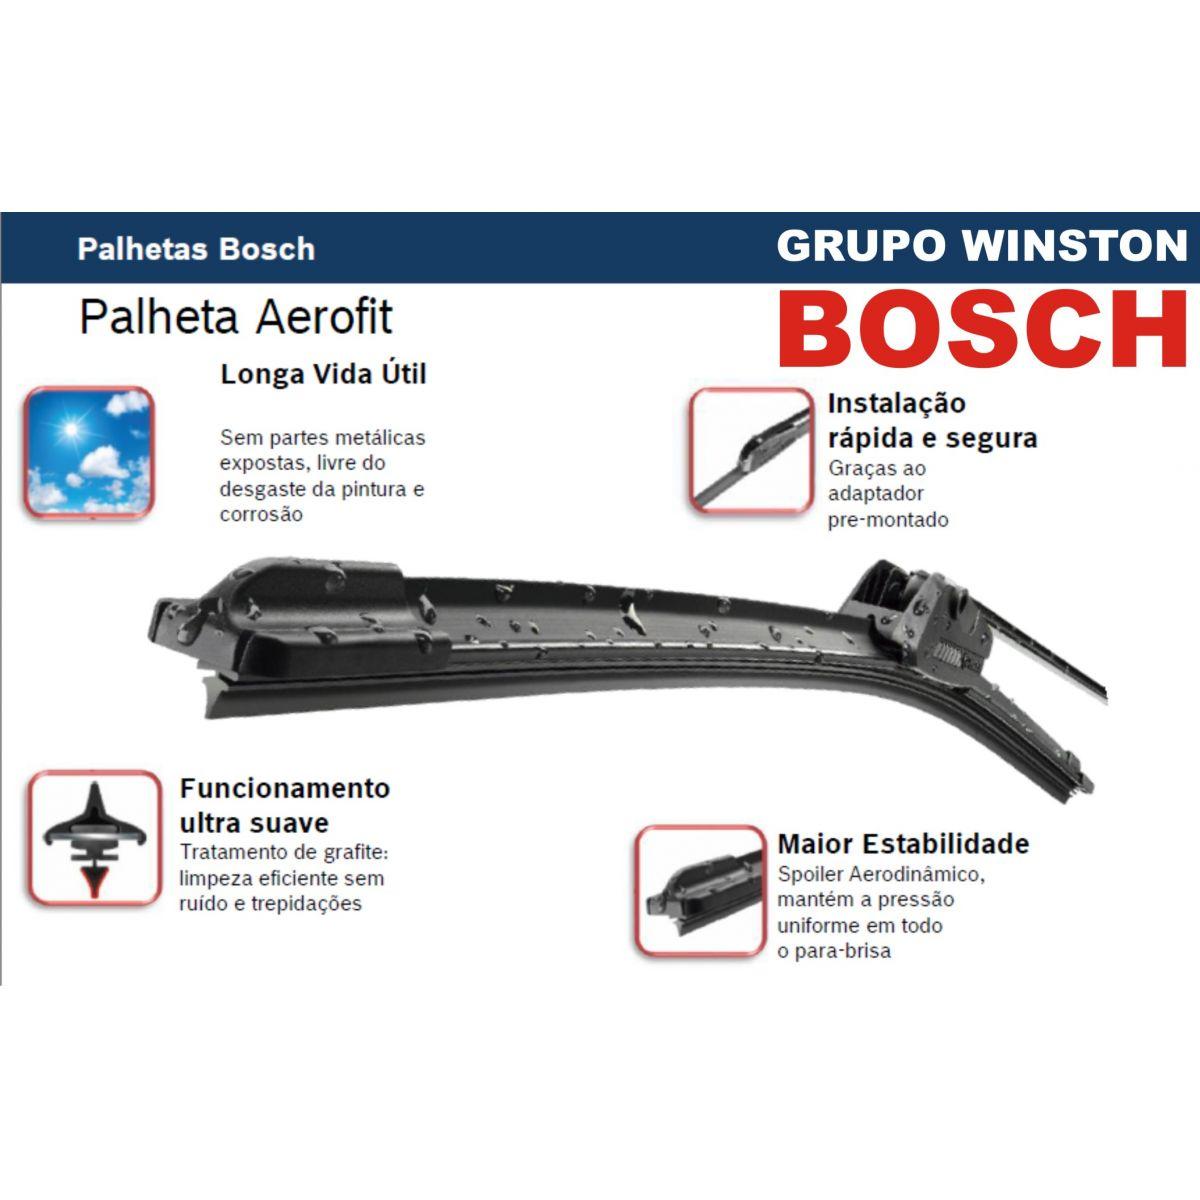 Palheta Bosch Aerofit Limpador de para brisa Bosch VOLVO V70 II